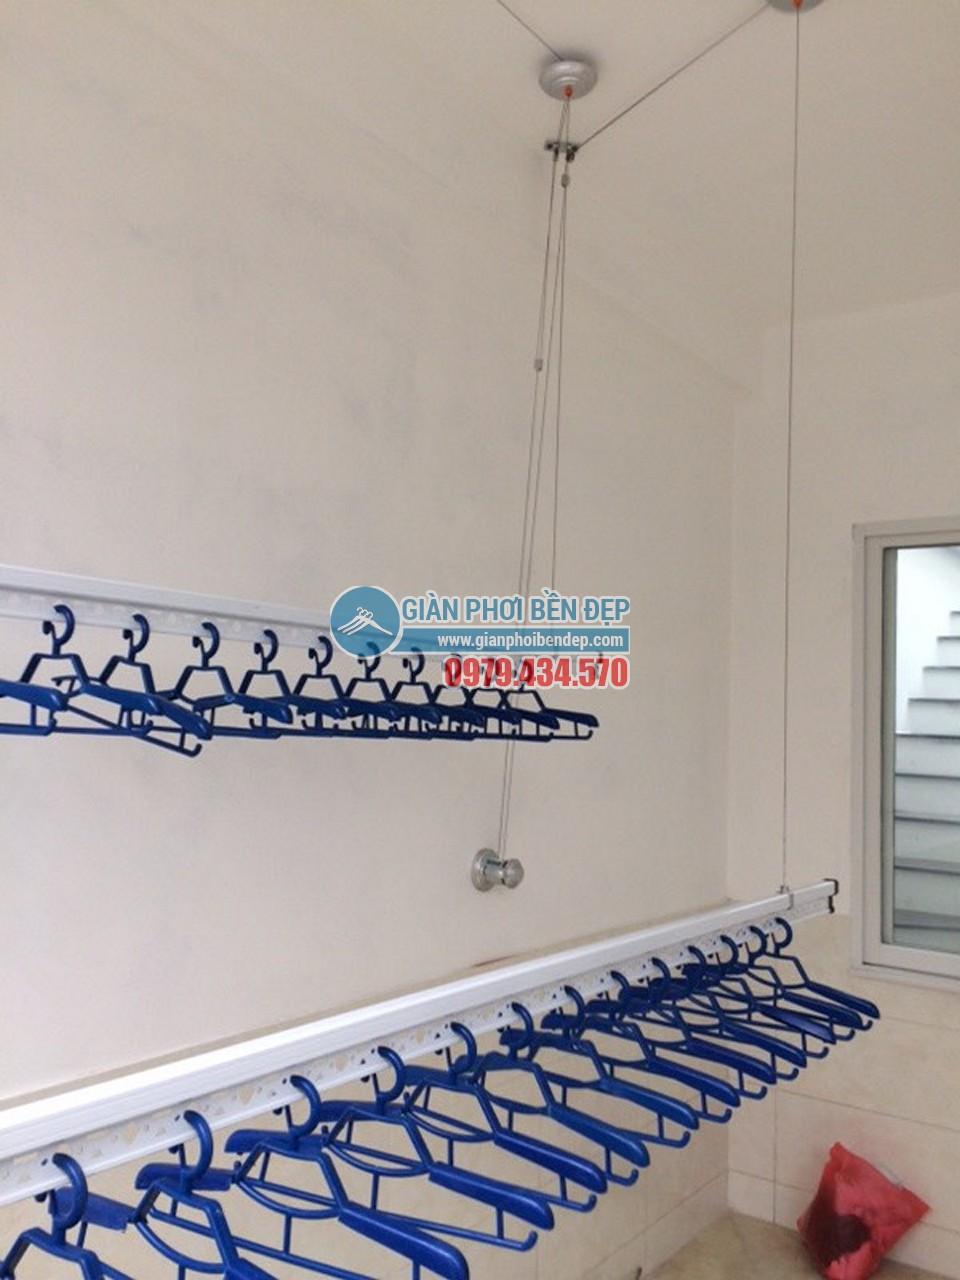 Địa chỉ lắp đặt giàn phơi thông minh cao cấp uy tín tại Hà Nội